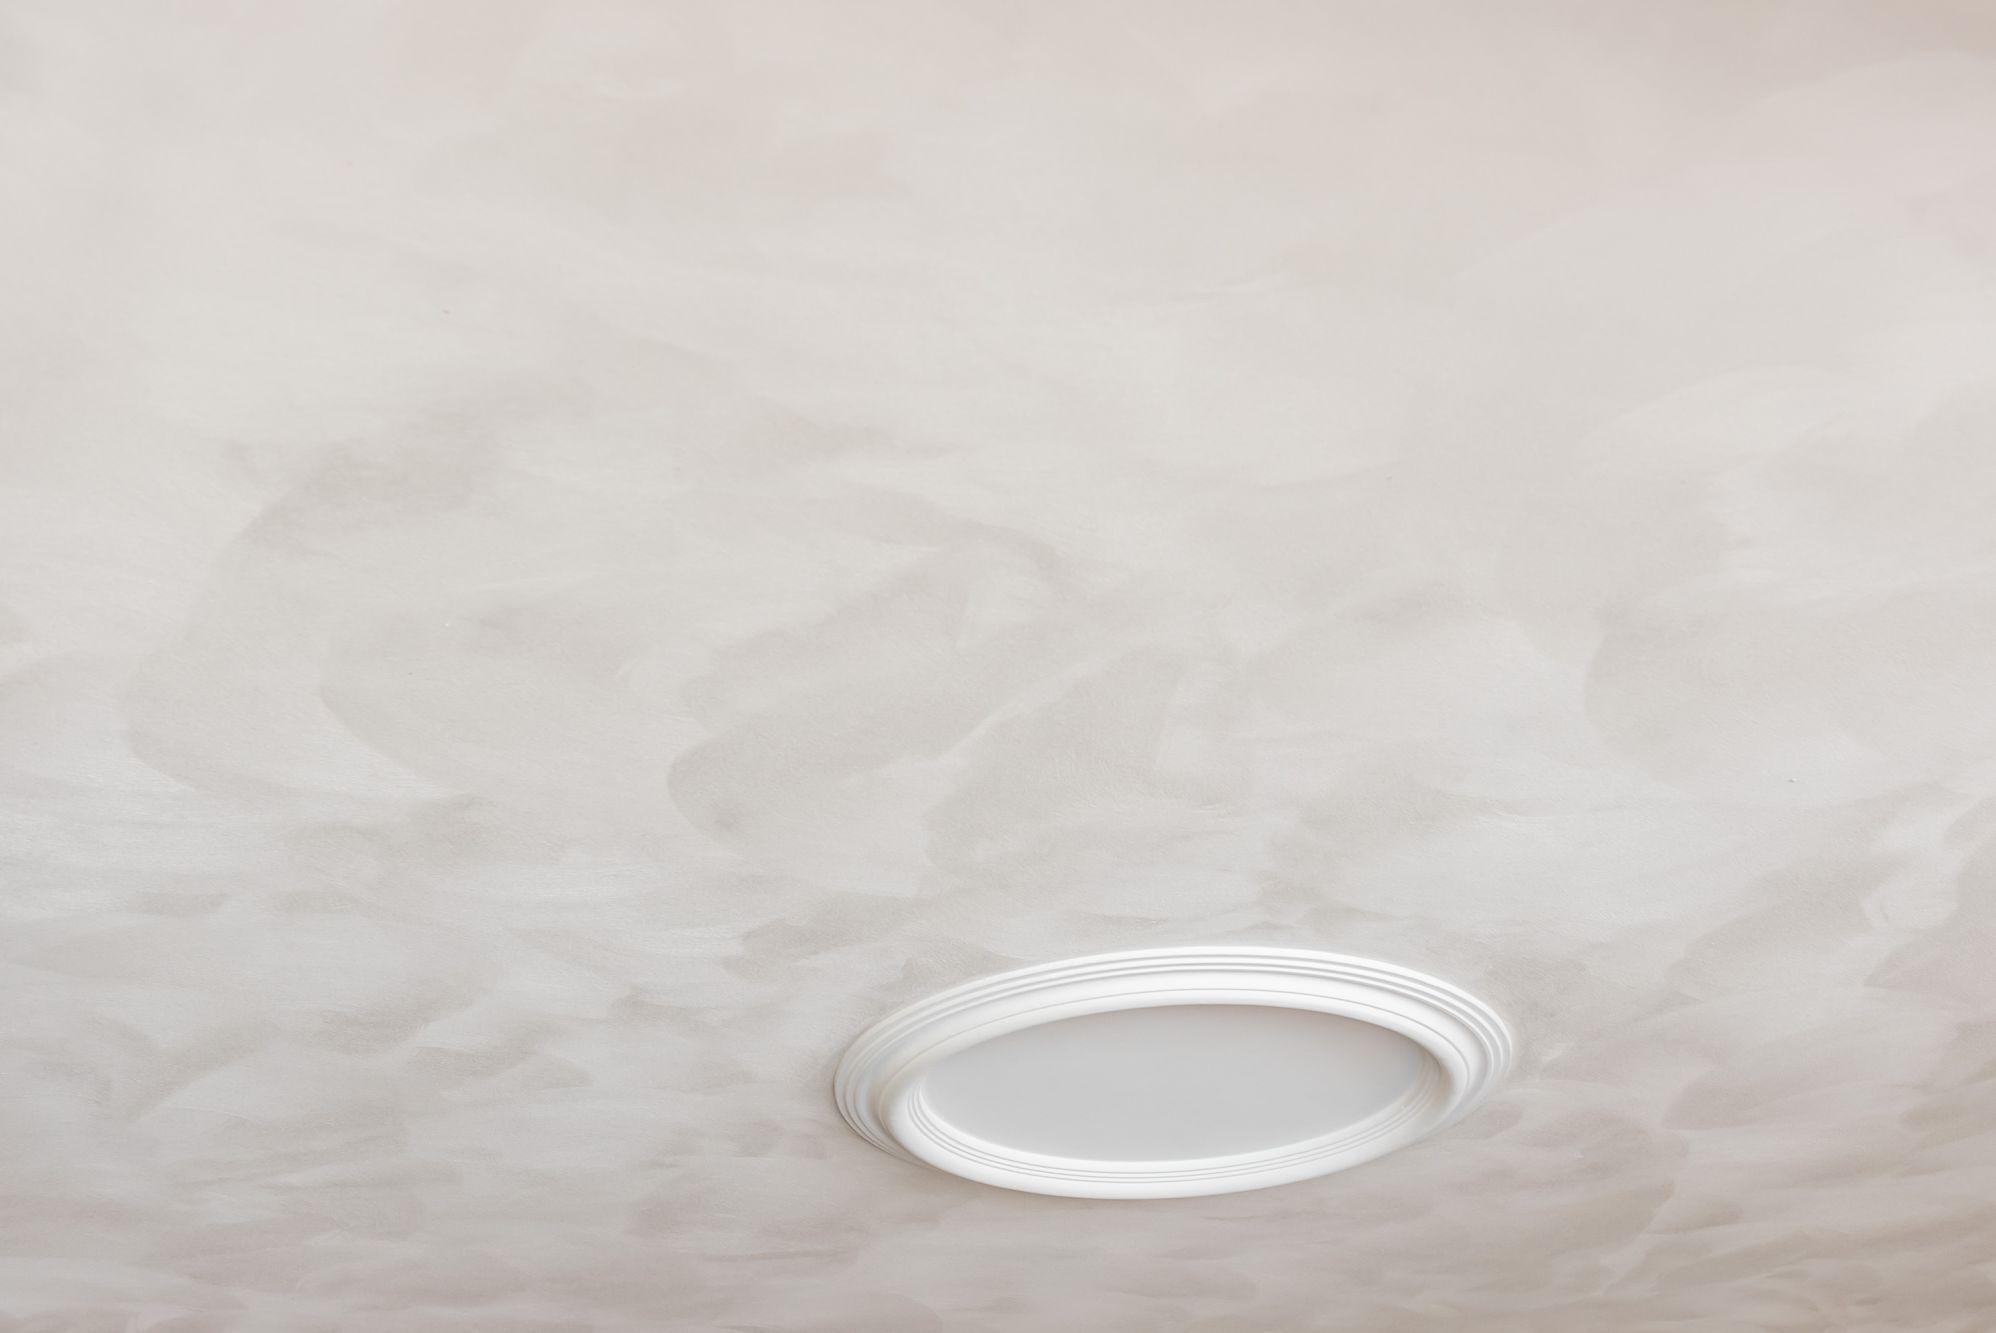 plafond schuurwerk (licht gevlamd)